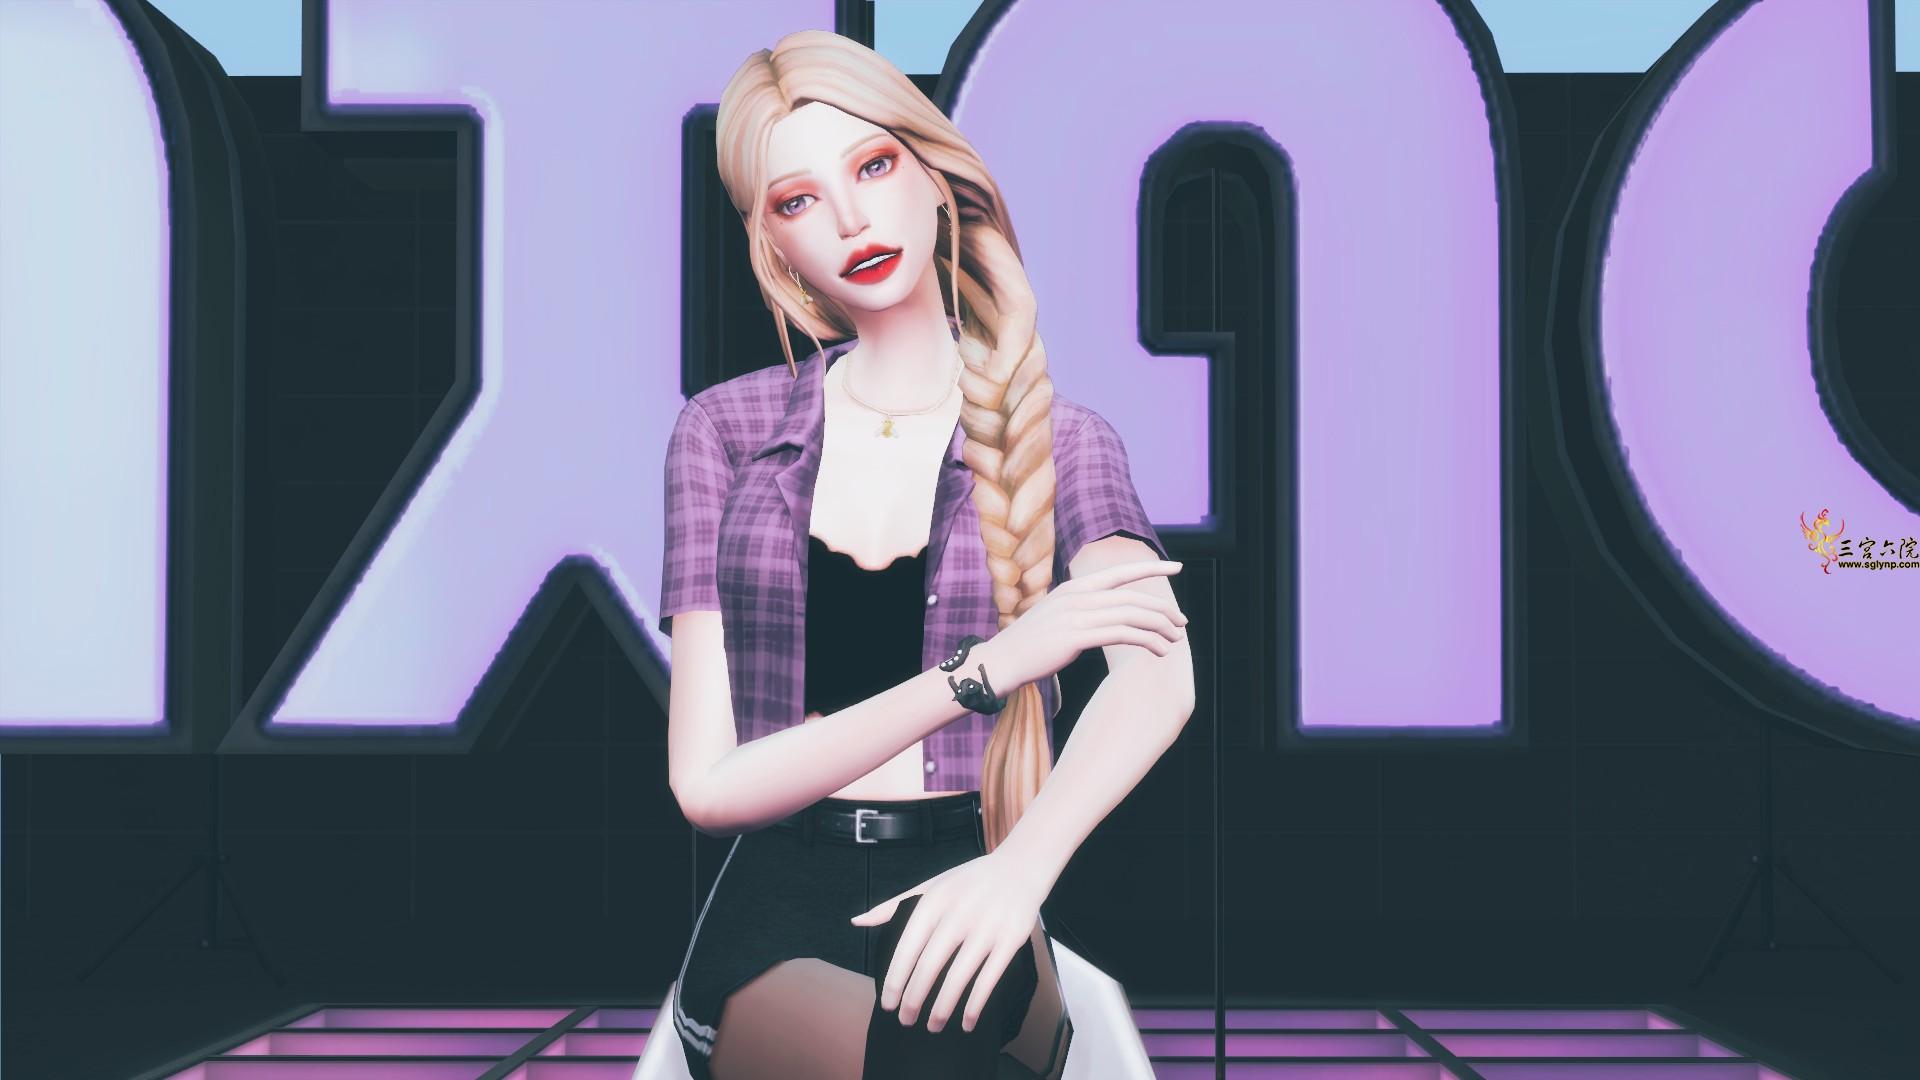 Sims 4 Screenshot 2021.02.19 - 16.10.40.16.png